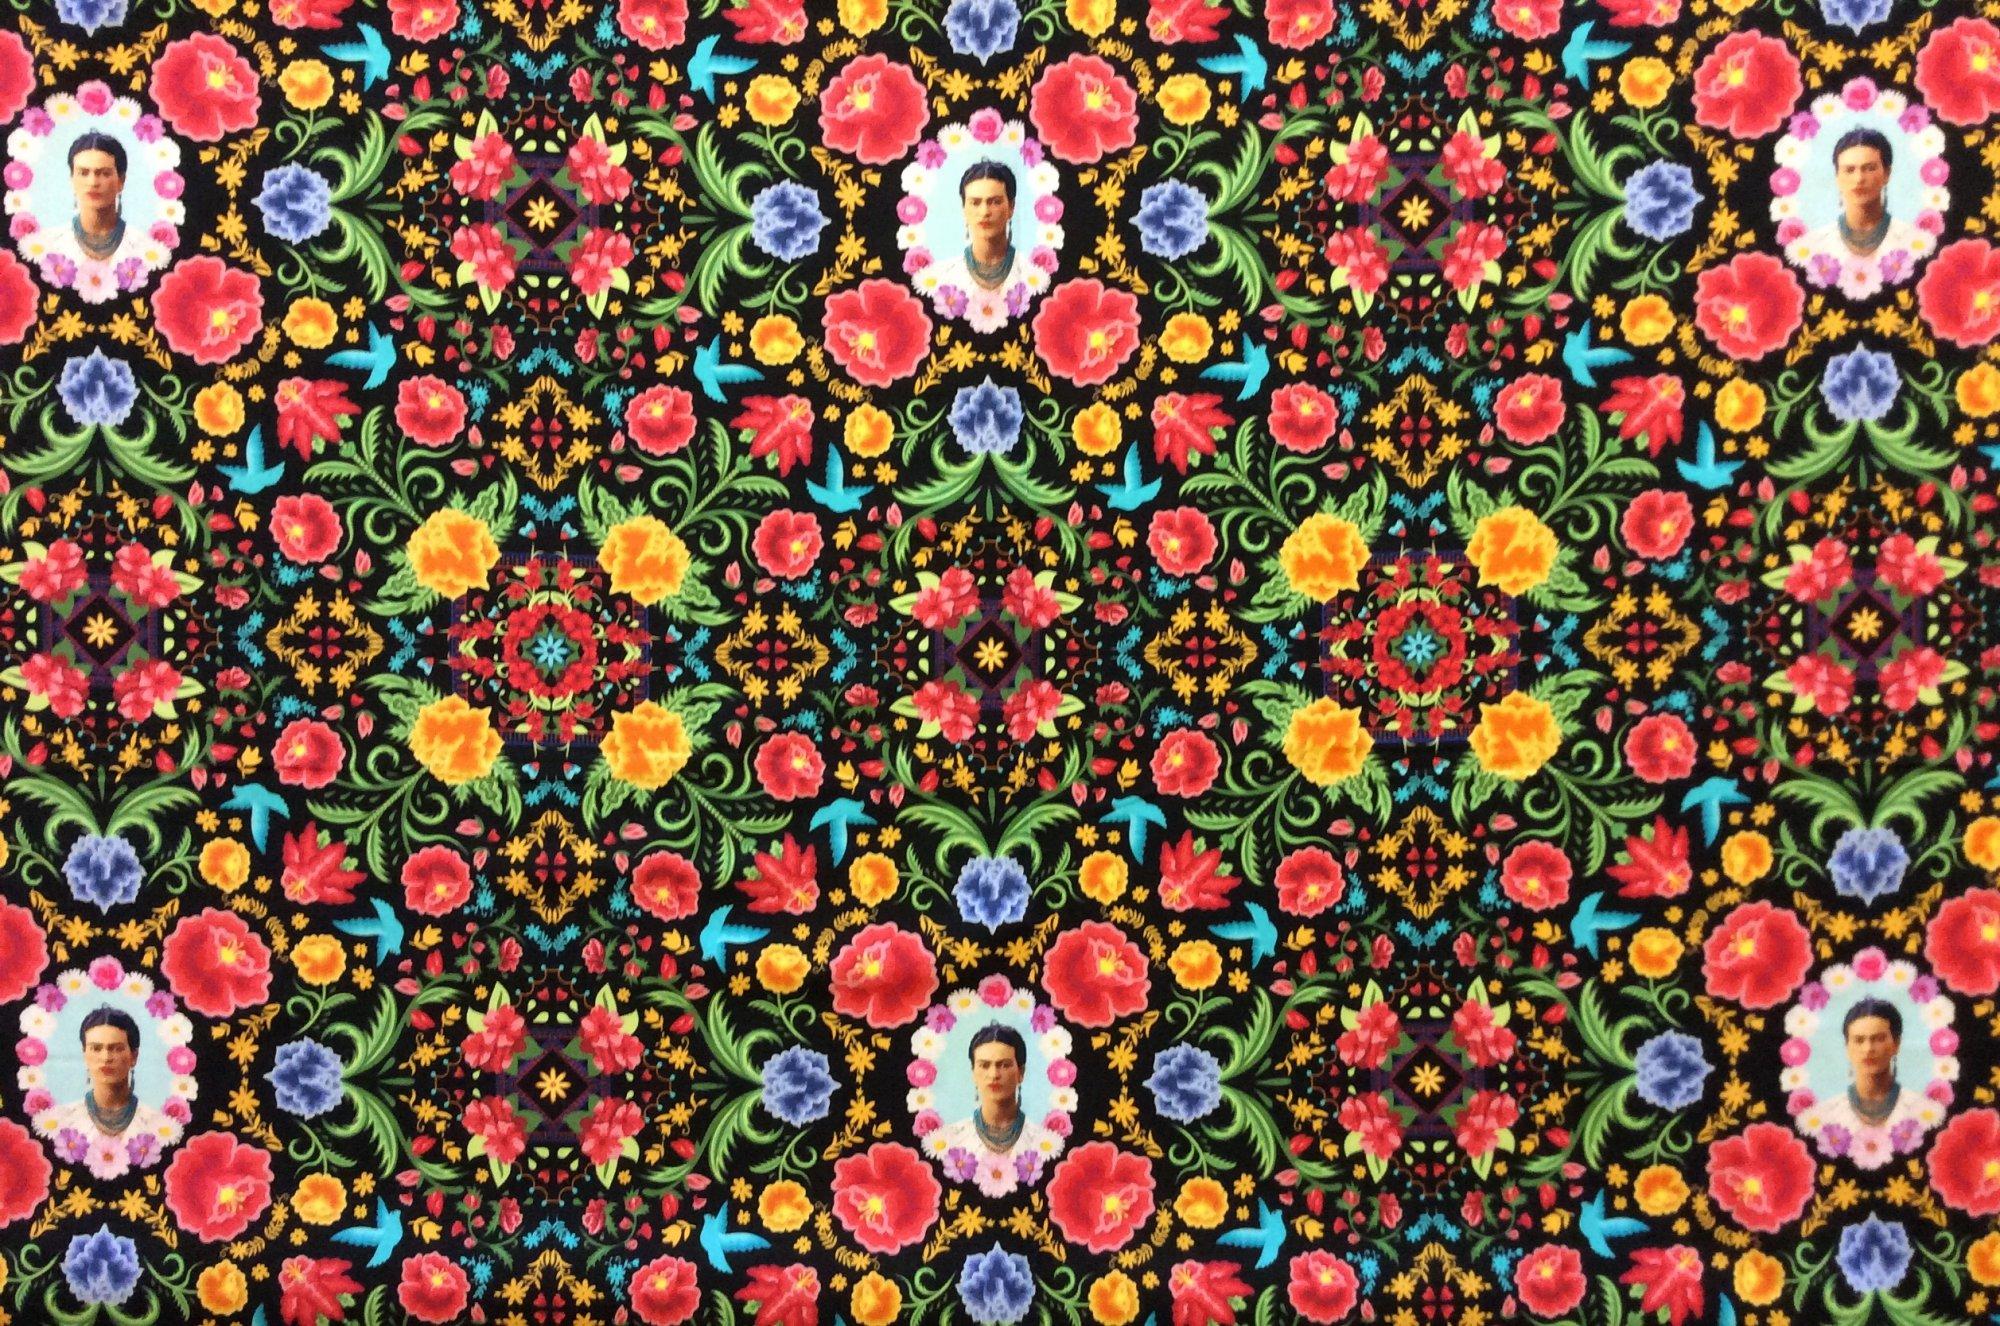 Frida Kahlo Black Floral Portrait Mexico Latin Art Cotton Quilt Fabric RK228